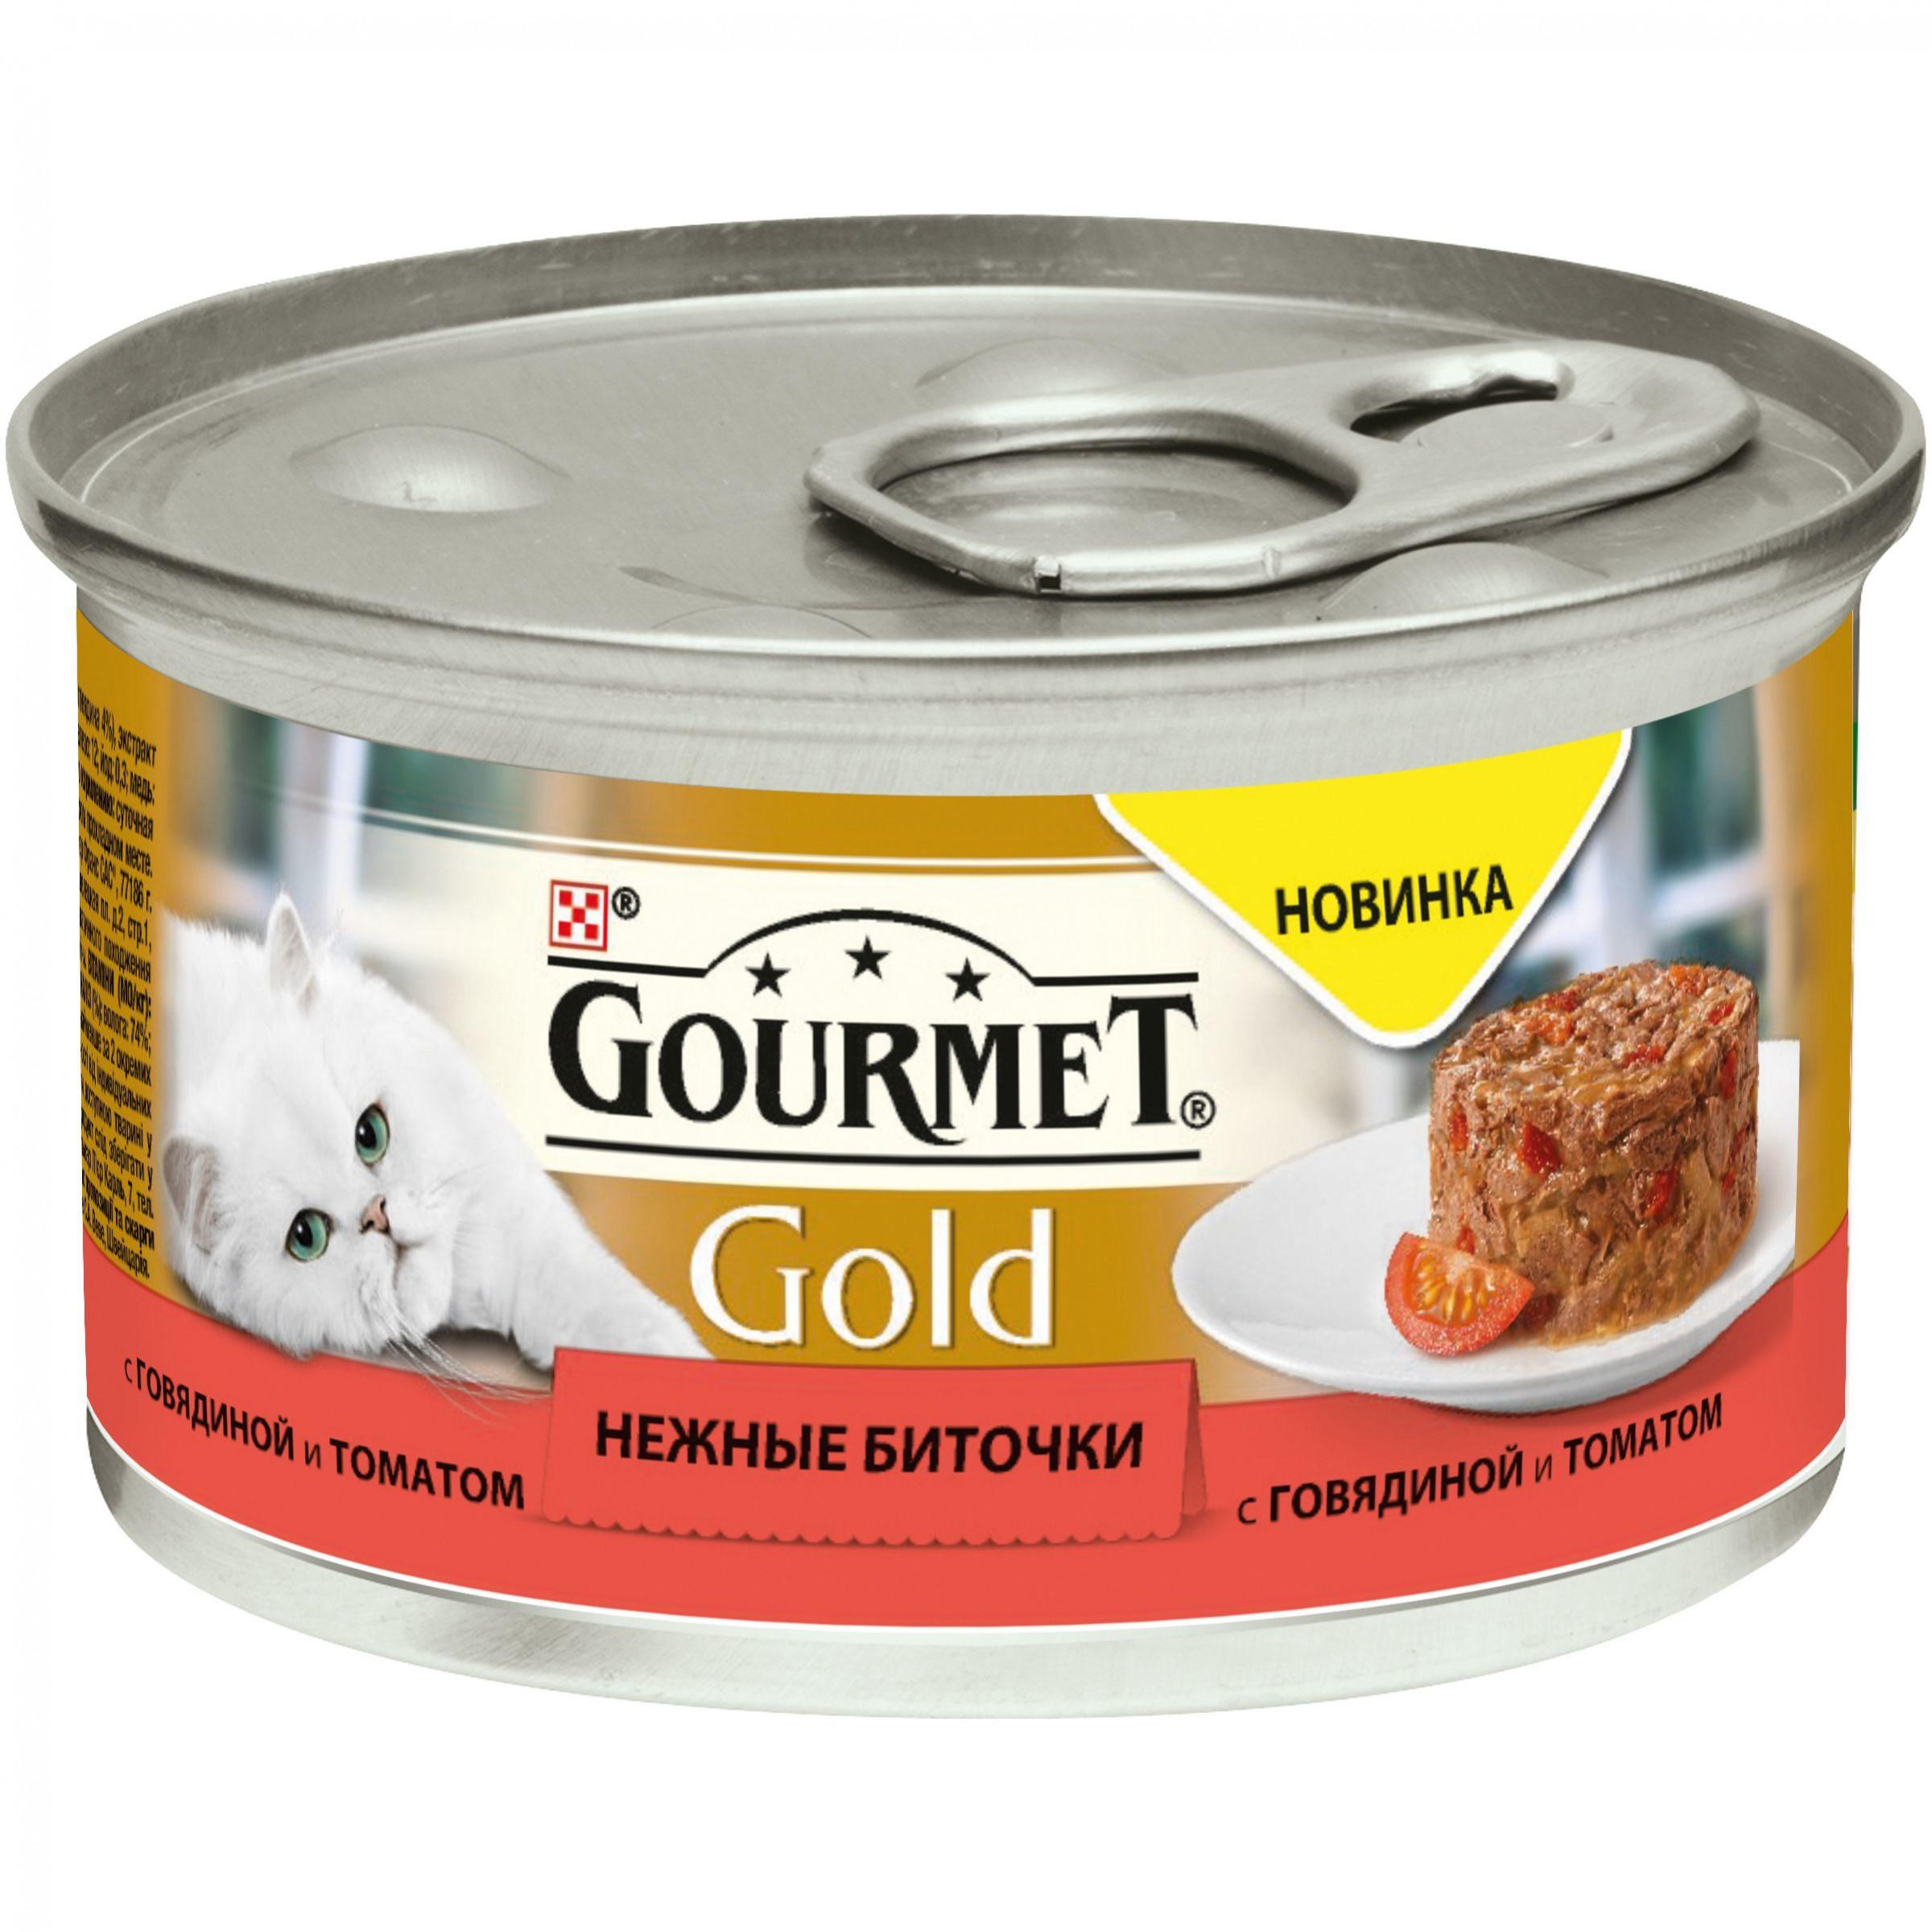 Влажный корм для кошек GOURMET Gold Нежные биточки из говядины в томате, 85 гр